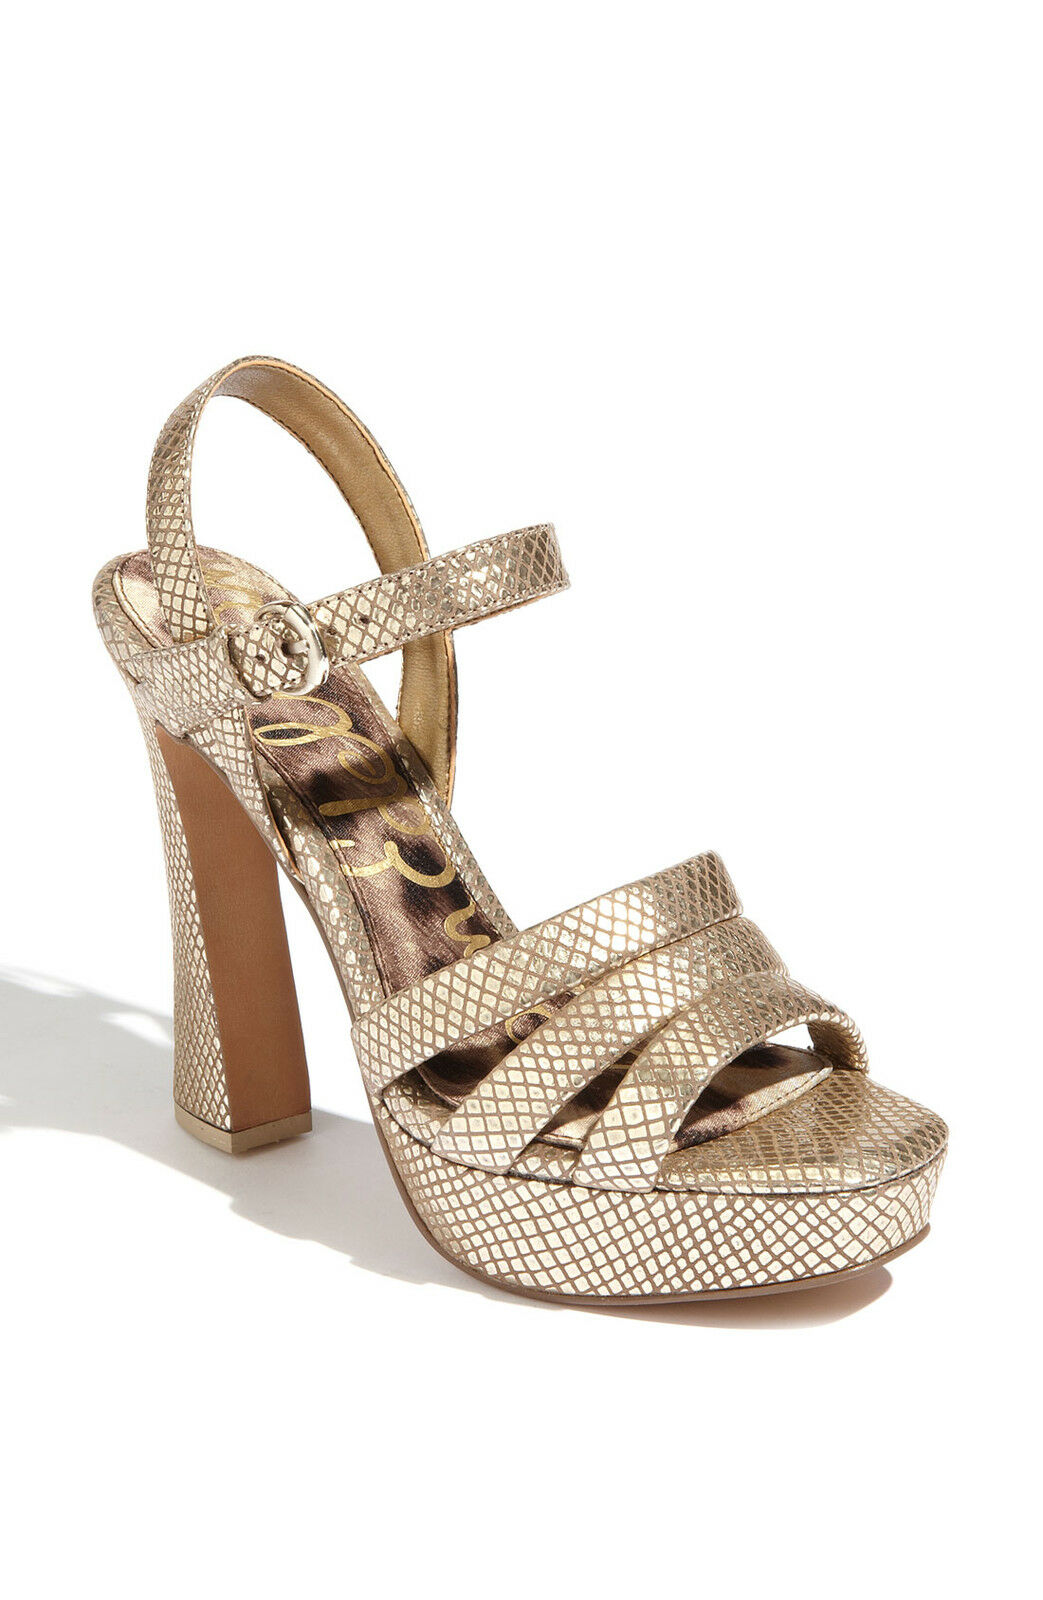 Sam Edelman Taryn gold Suede Platforms Heels Schuhes 10 NEU